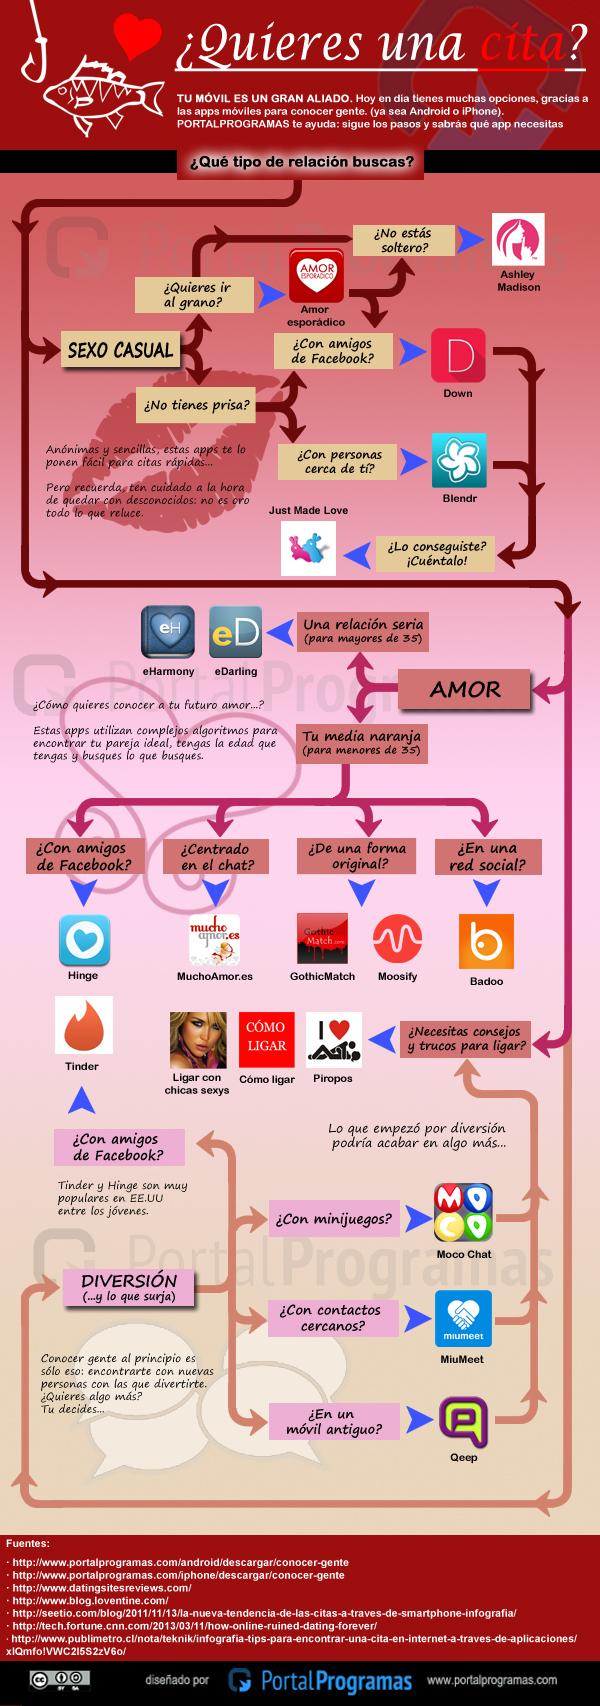 Mejor apps para conocer personas porno latina San Baudilio-43990